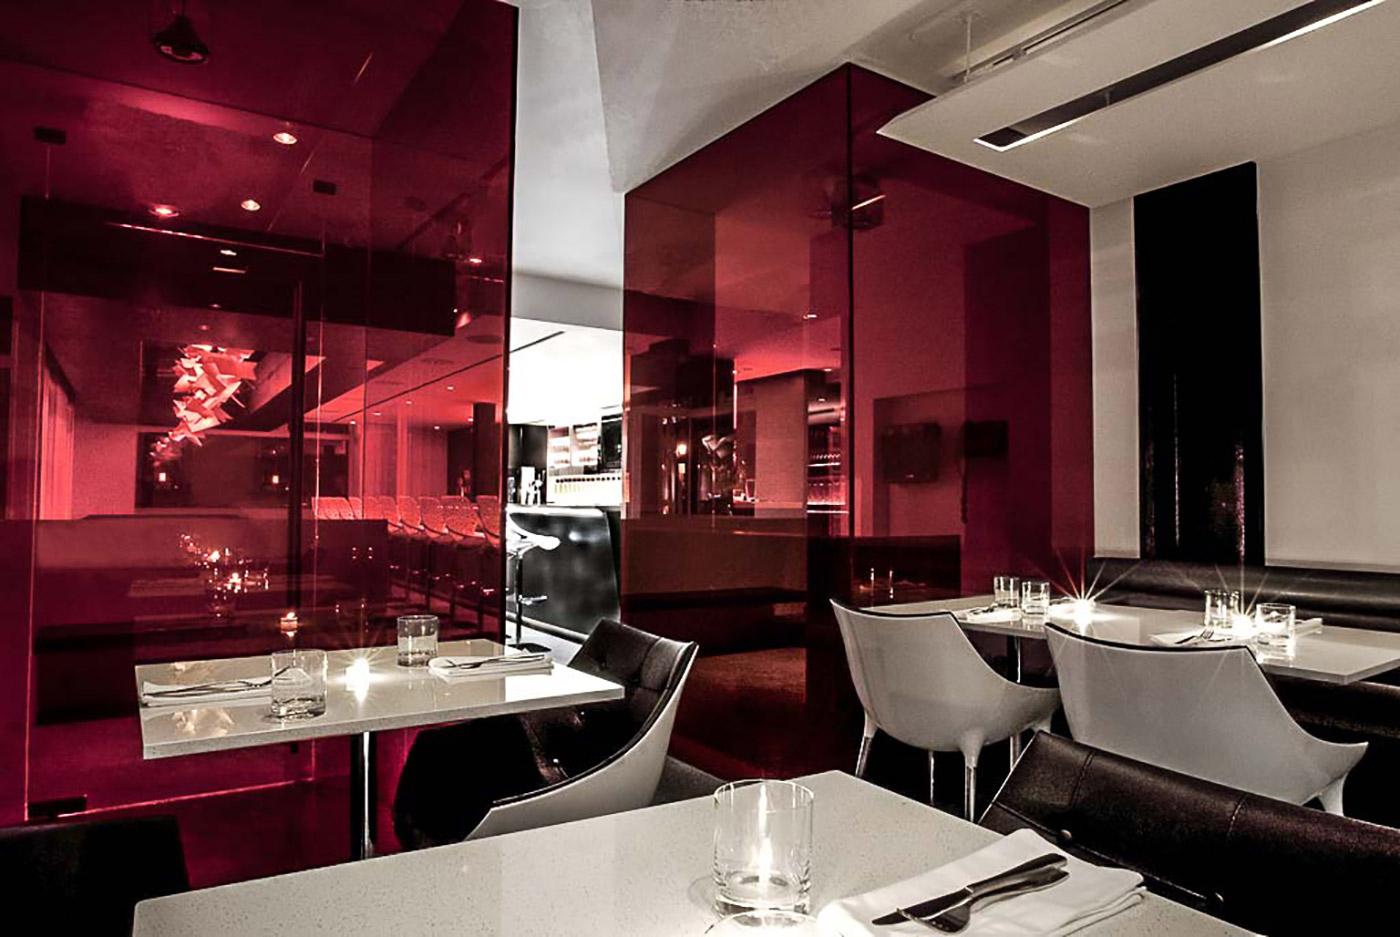 Designer spotlight interview with point interior design